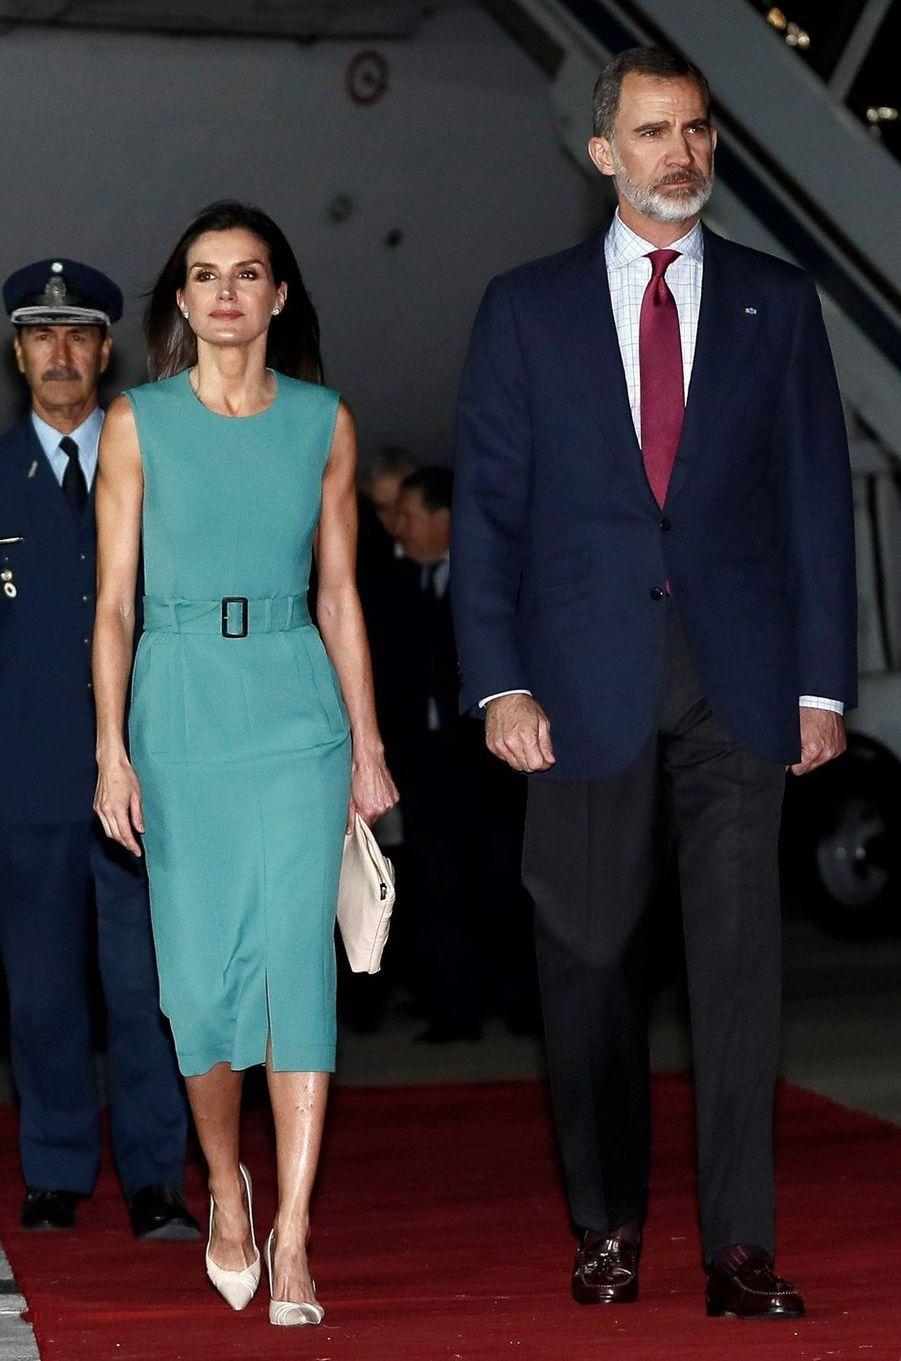 La reine Letizia d'Espagne à son arrivée à Buenos Aires, le 25 mars 2019